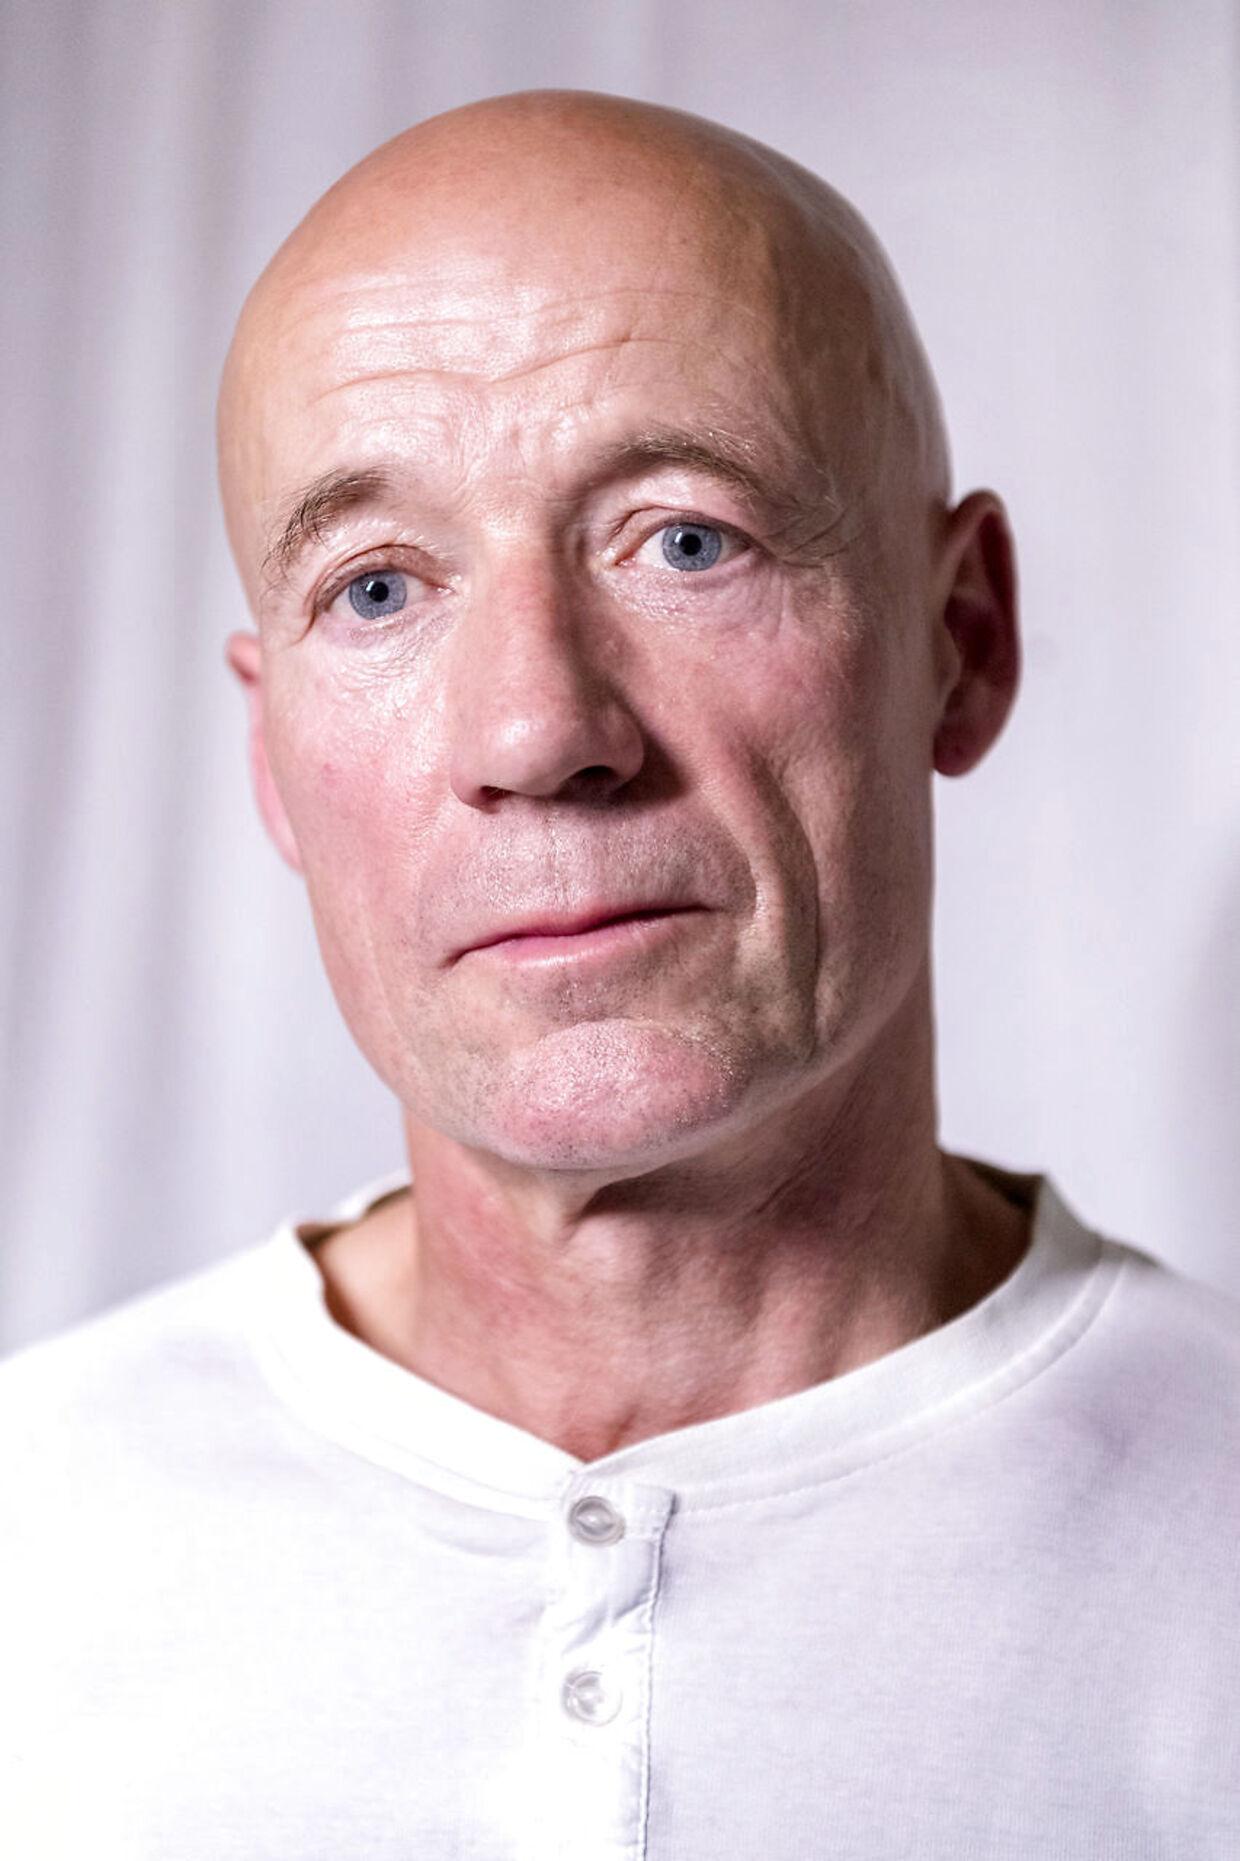 Vordingborg Kommune anmeldte Jens Erik Mathiesen for vold. Politiet frafaldt sigtelsen, alligevel fastholdt kommunen, at plejebørnene skulle flyttes til to forskellige opholdssteder.